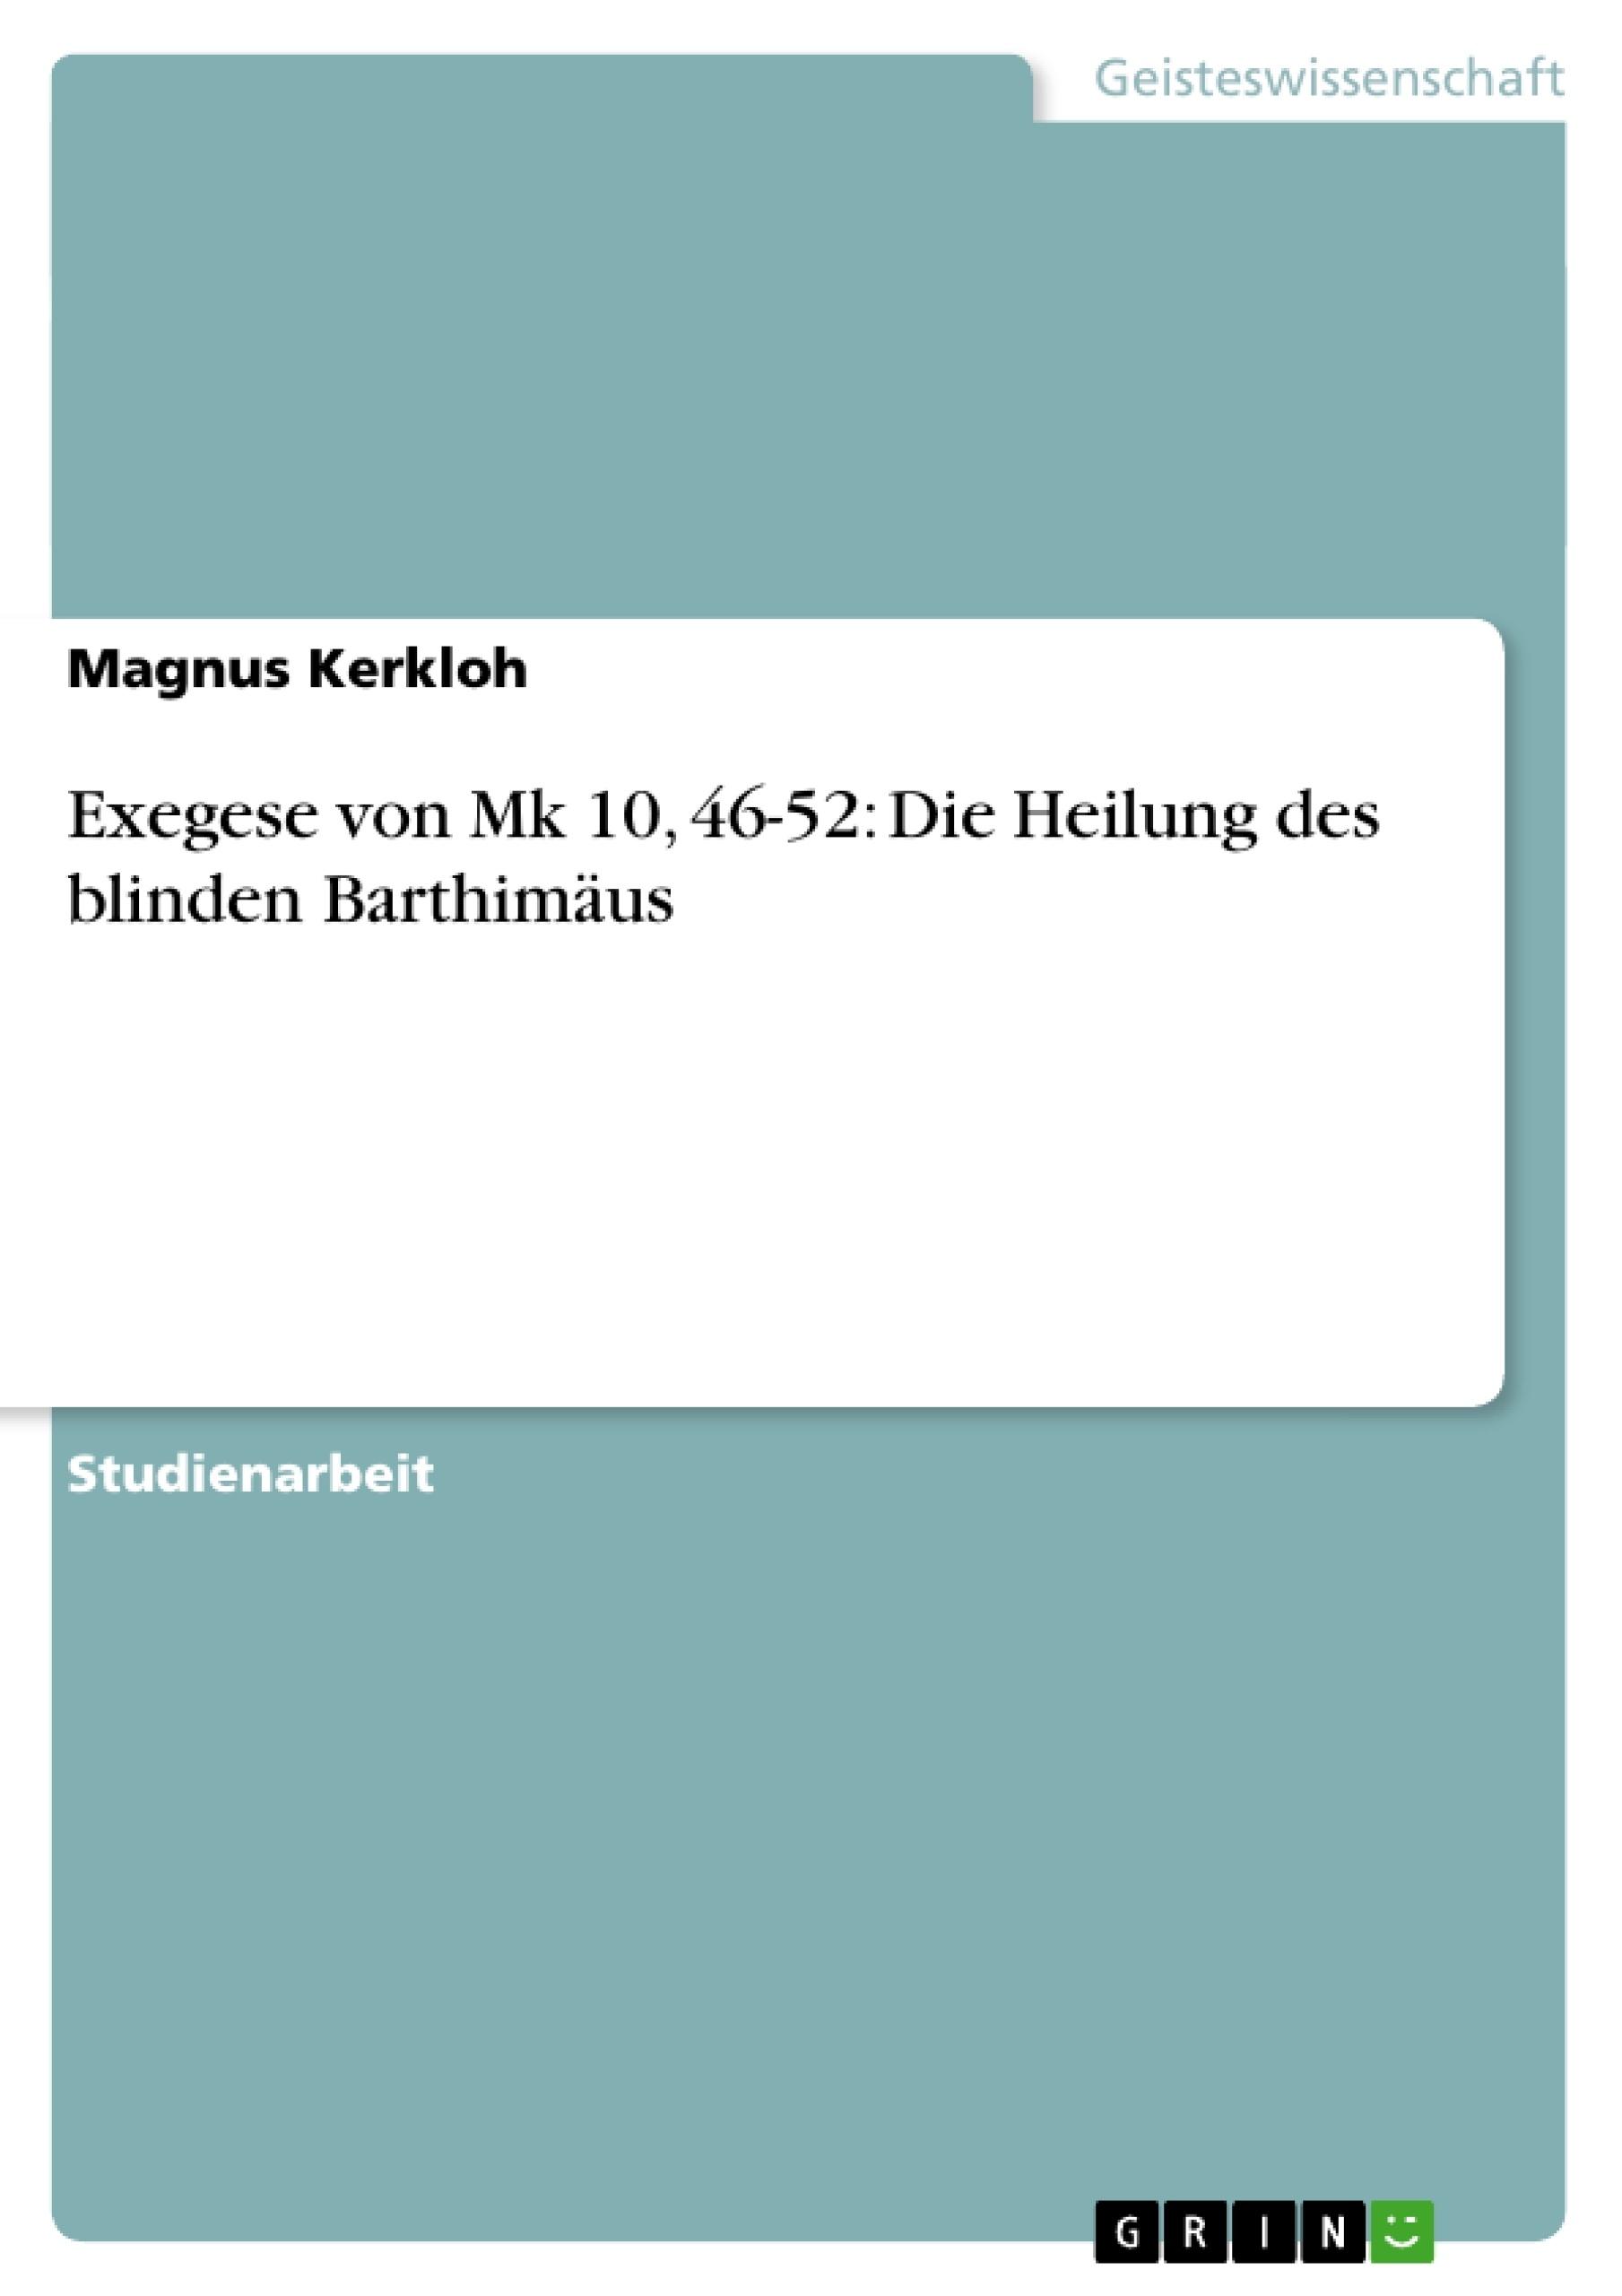 Titel: Exegese von Mk 10, 46-52: Die Heilung des blinden Barthimäus